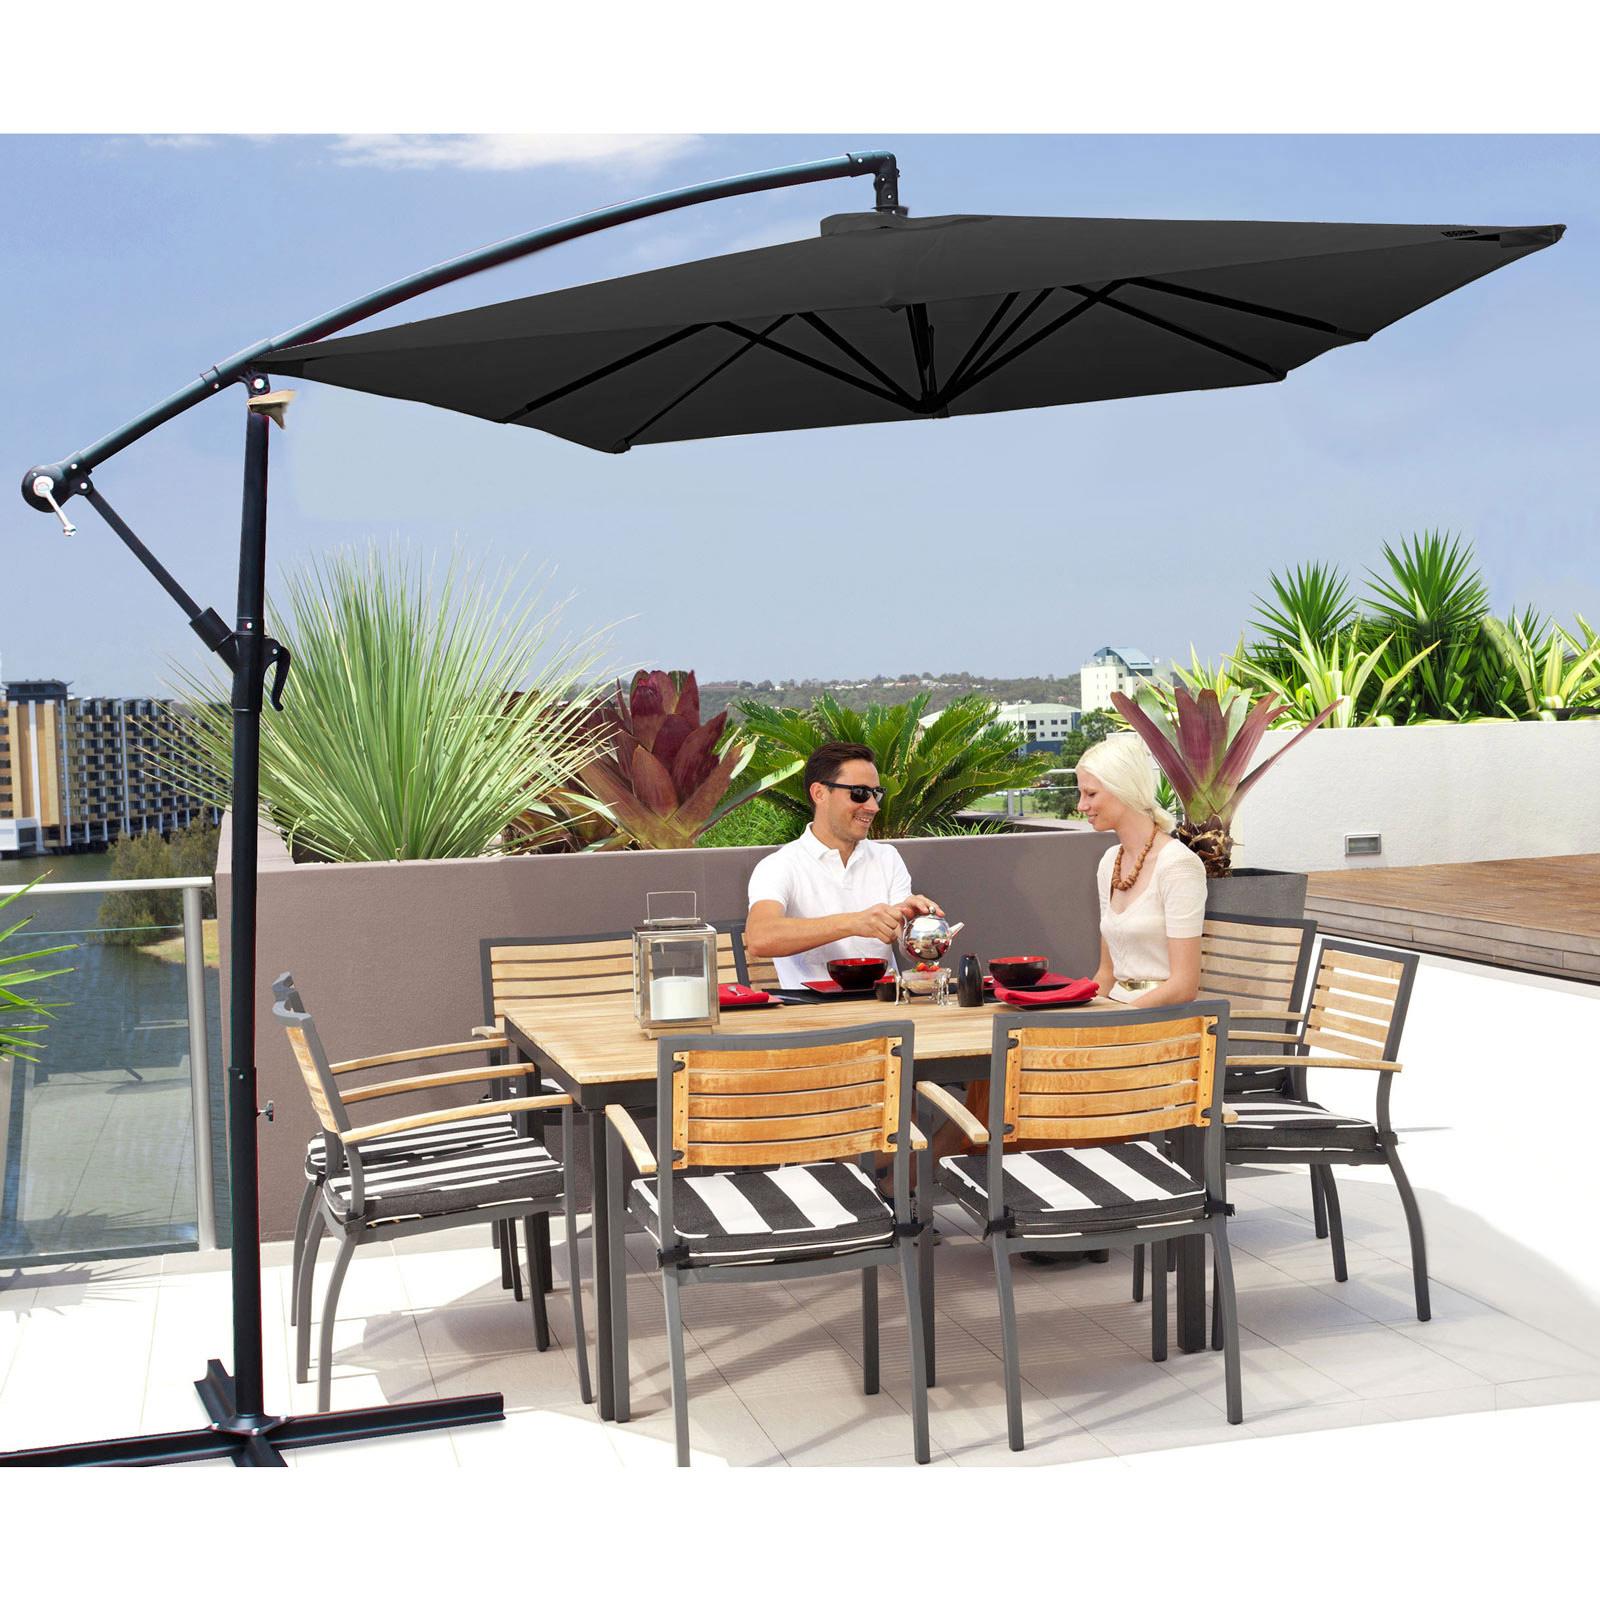 Milano-2-2M-Outdoor-Umbrella-Cantilever-Garden-Deck-Patio-Shade-Water-Resistant thumbnail 15